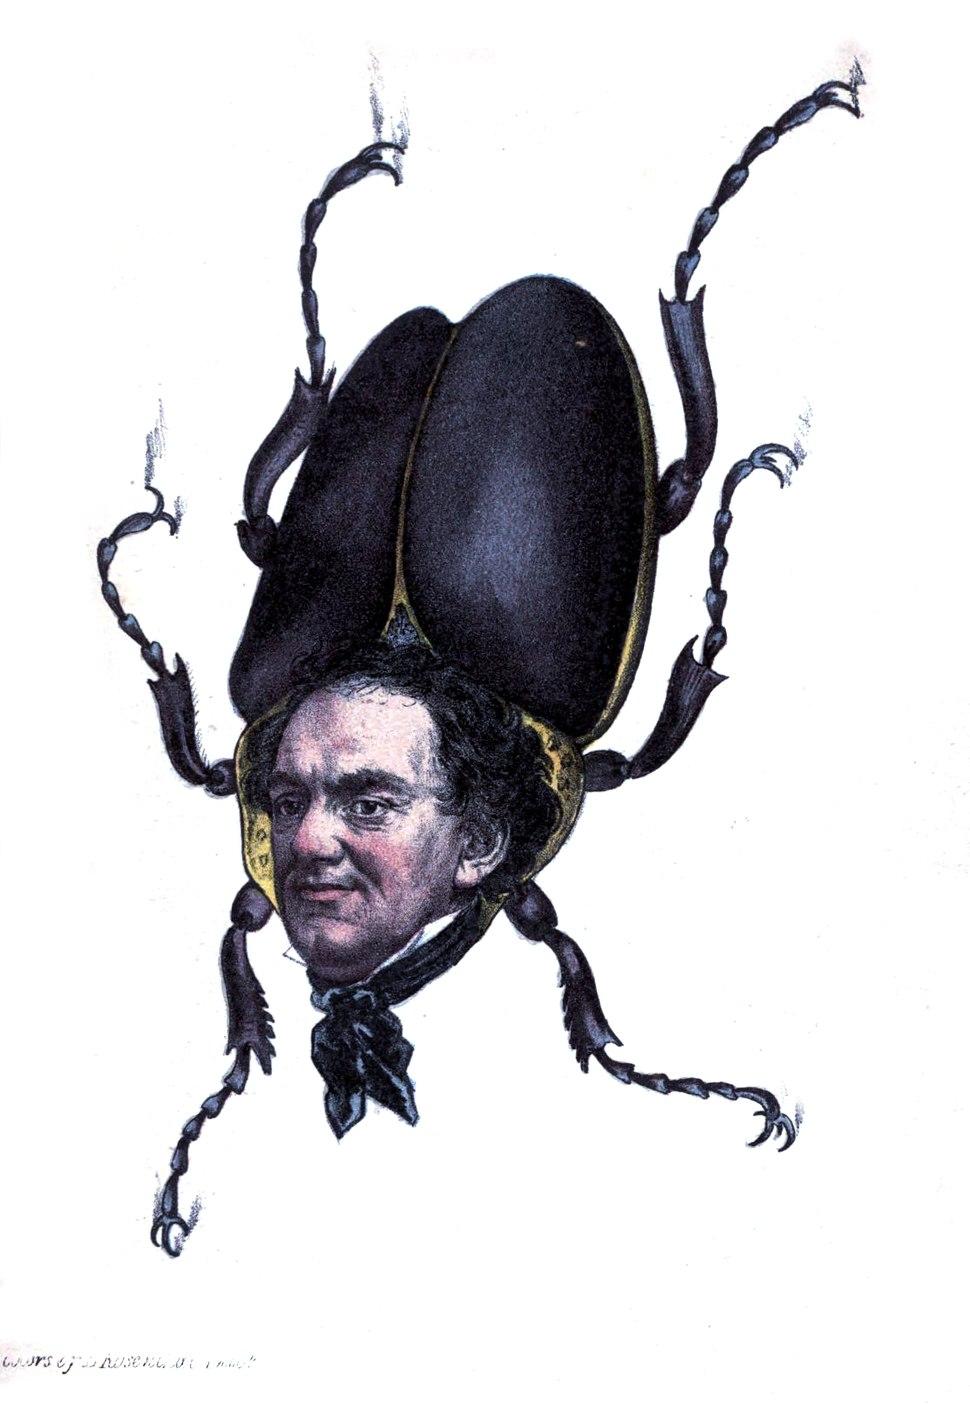 Barnum Humbug